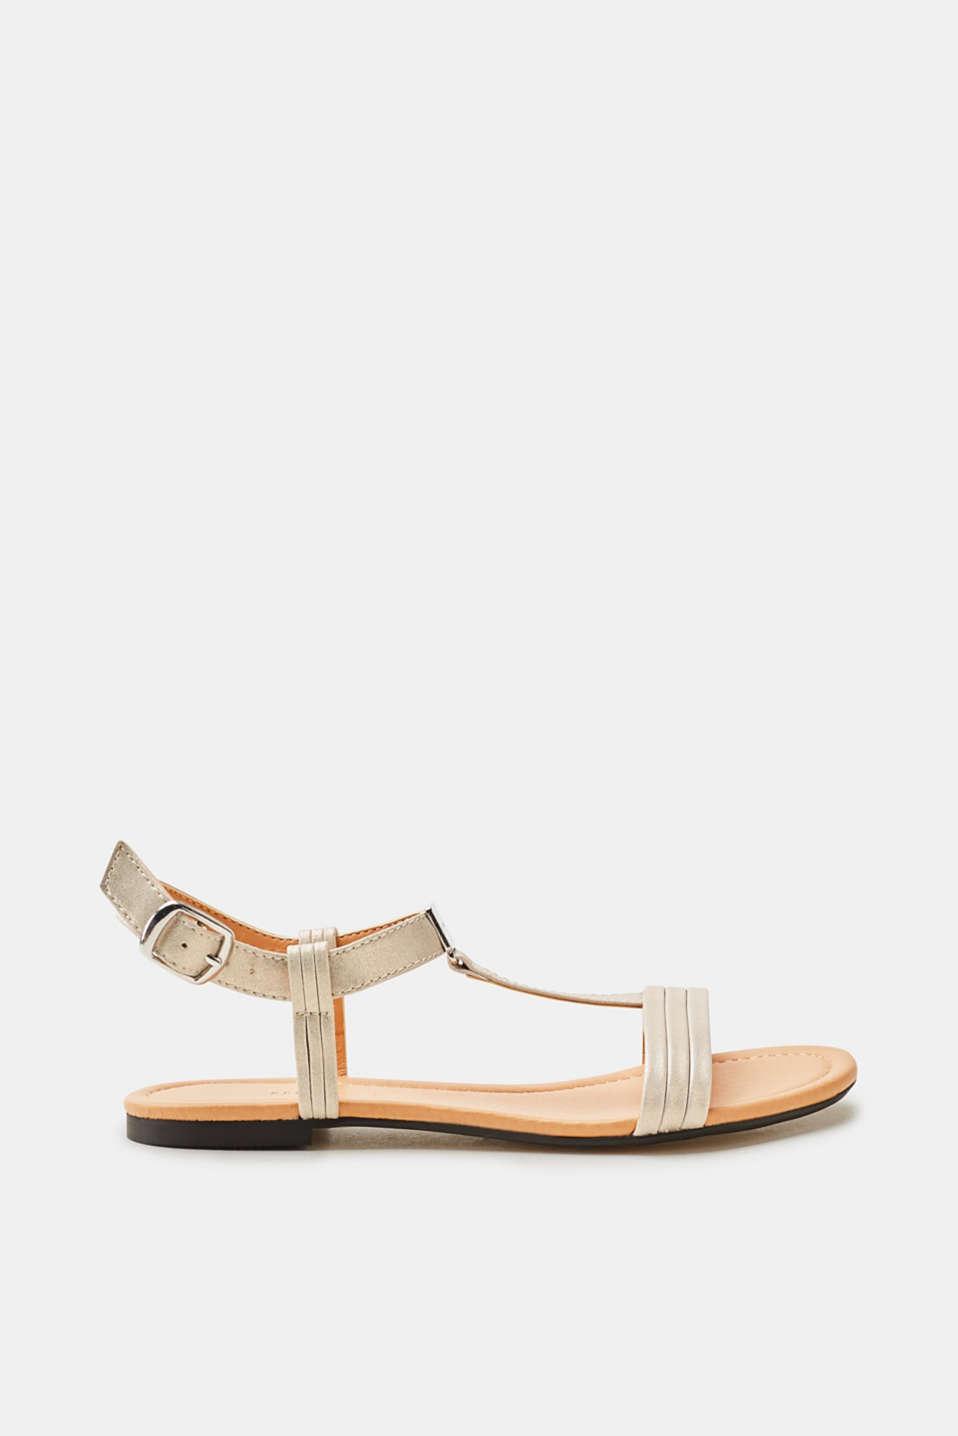 Sandales Plates Similicuir Blanc Pour Les Femmes Esprit pvi8x7g